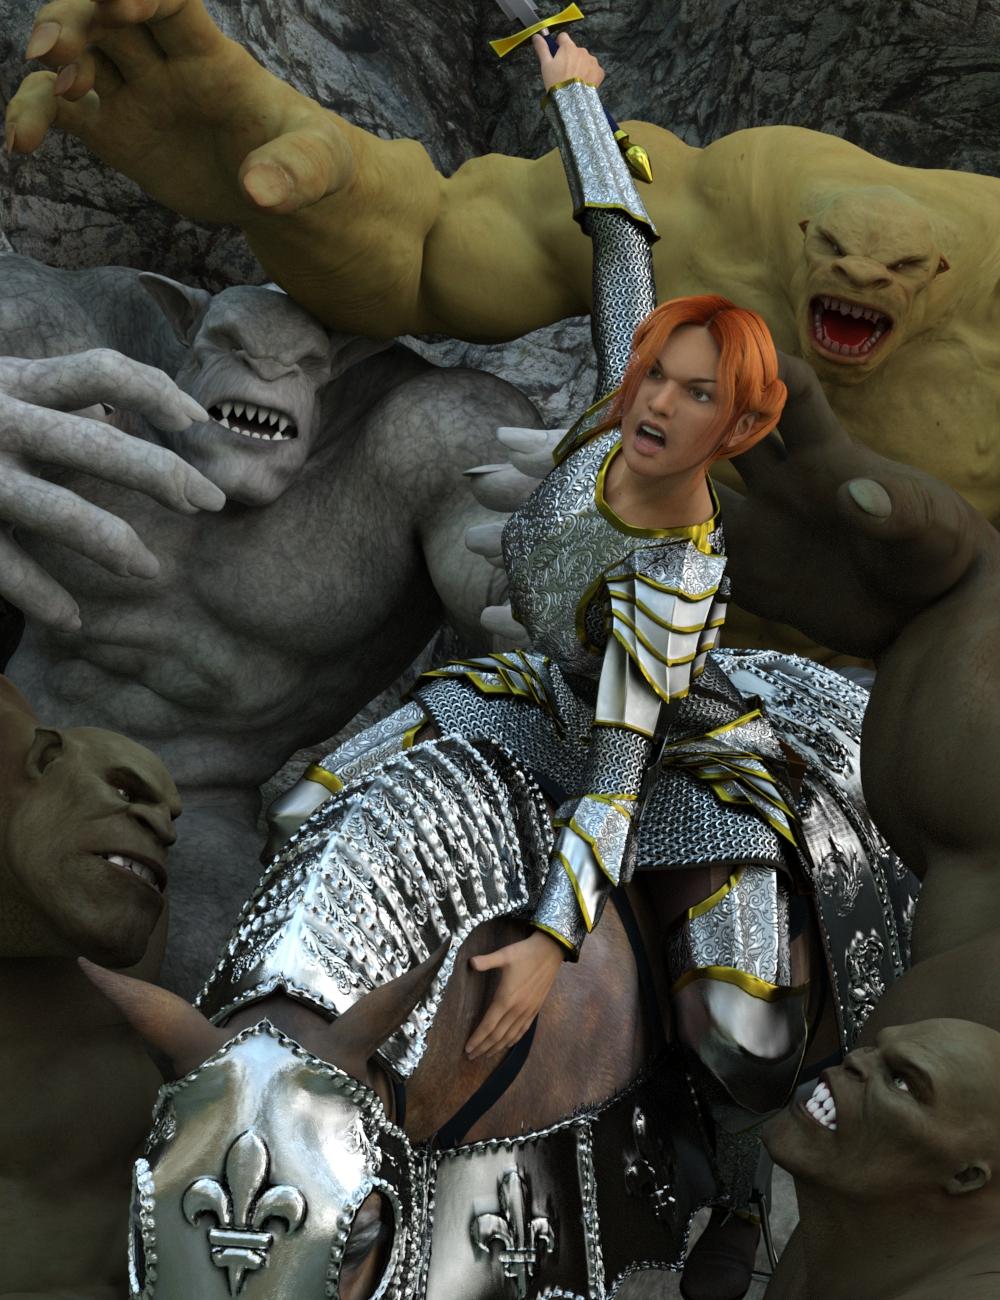 Mercenary Knight by: Valandar, 3D Models by Daz 3D